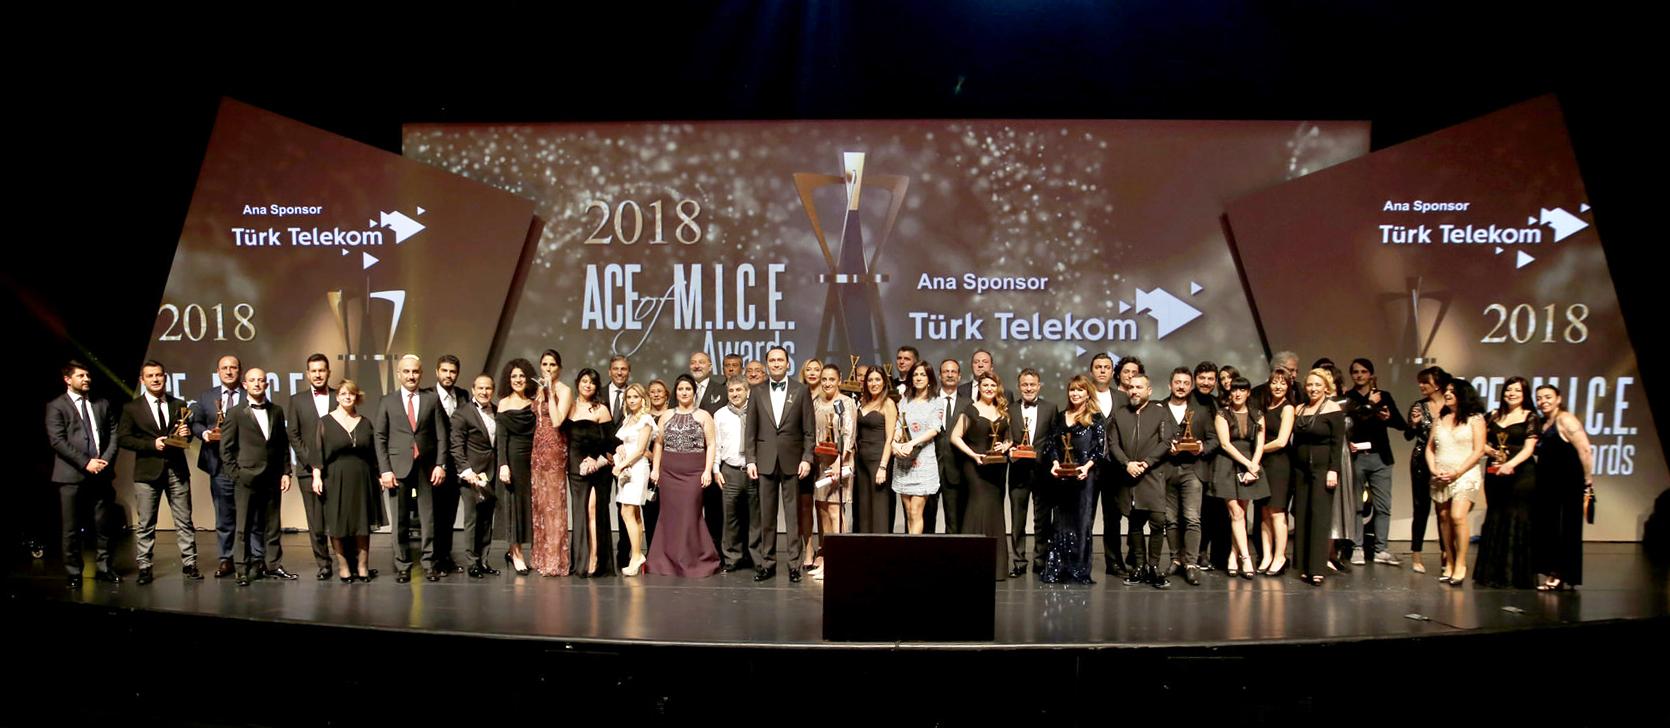 ACE of M.I.C.E. Awards, Mart 2019 tarihinde Turizm Medya Grubu(TMG) organizasyonunda Lütfi Kırdar Kongre ve Sergi Sarayı'nda gerçekleşecek seremonide yedinci kez MICE'ın aslarını belirleyecek.